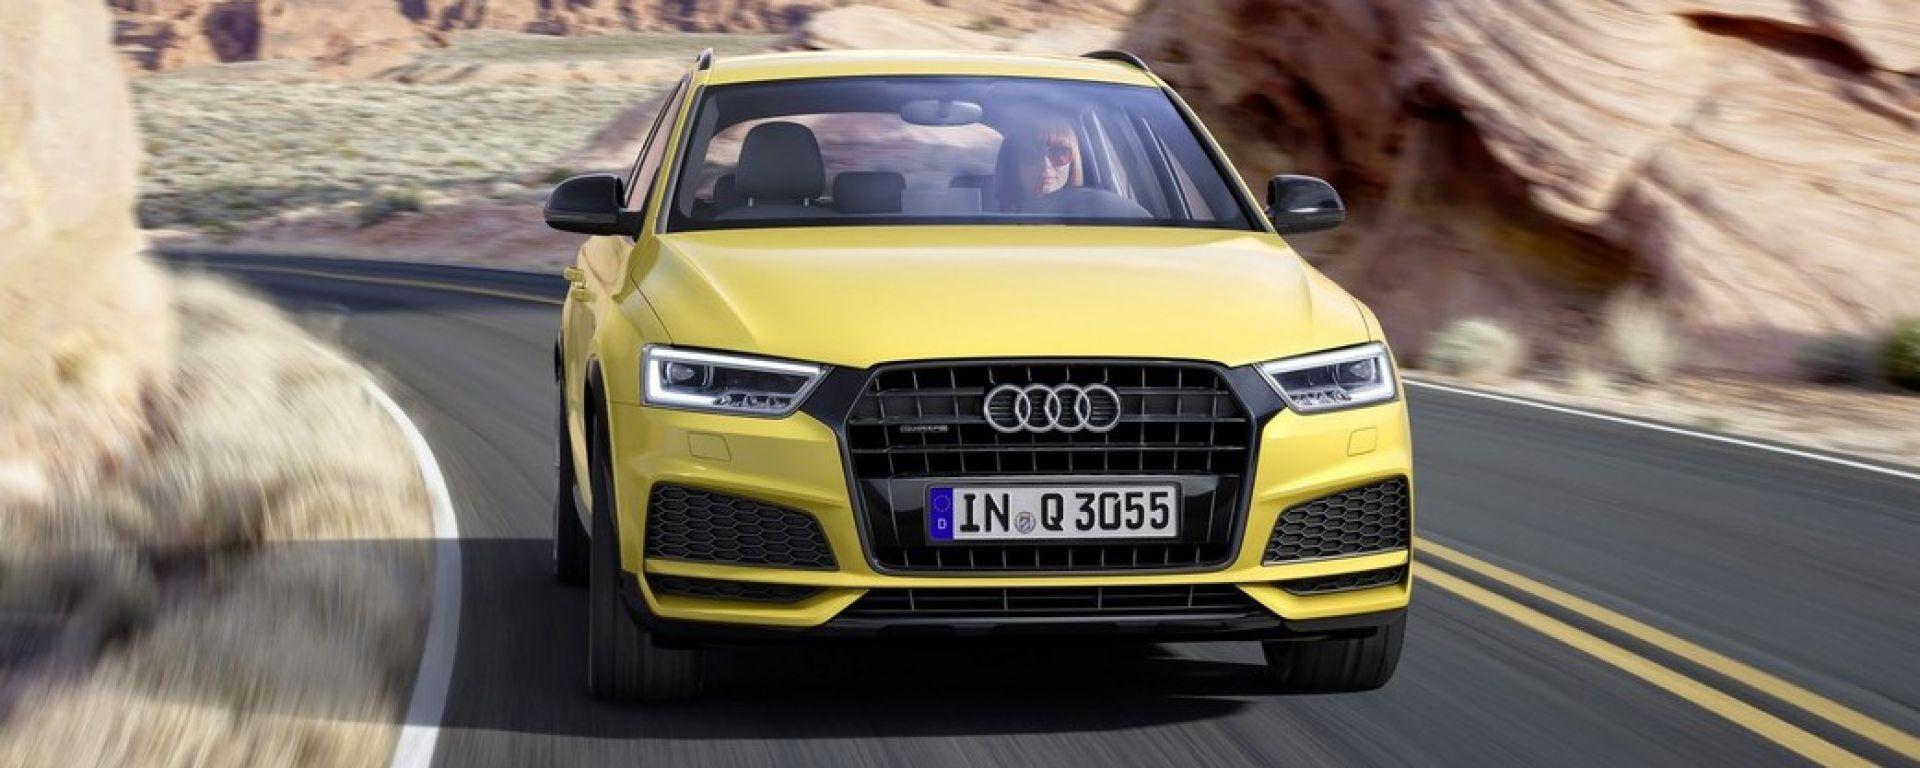 Audi Q3 MY 2017